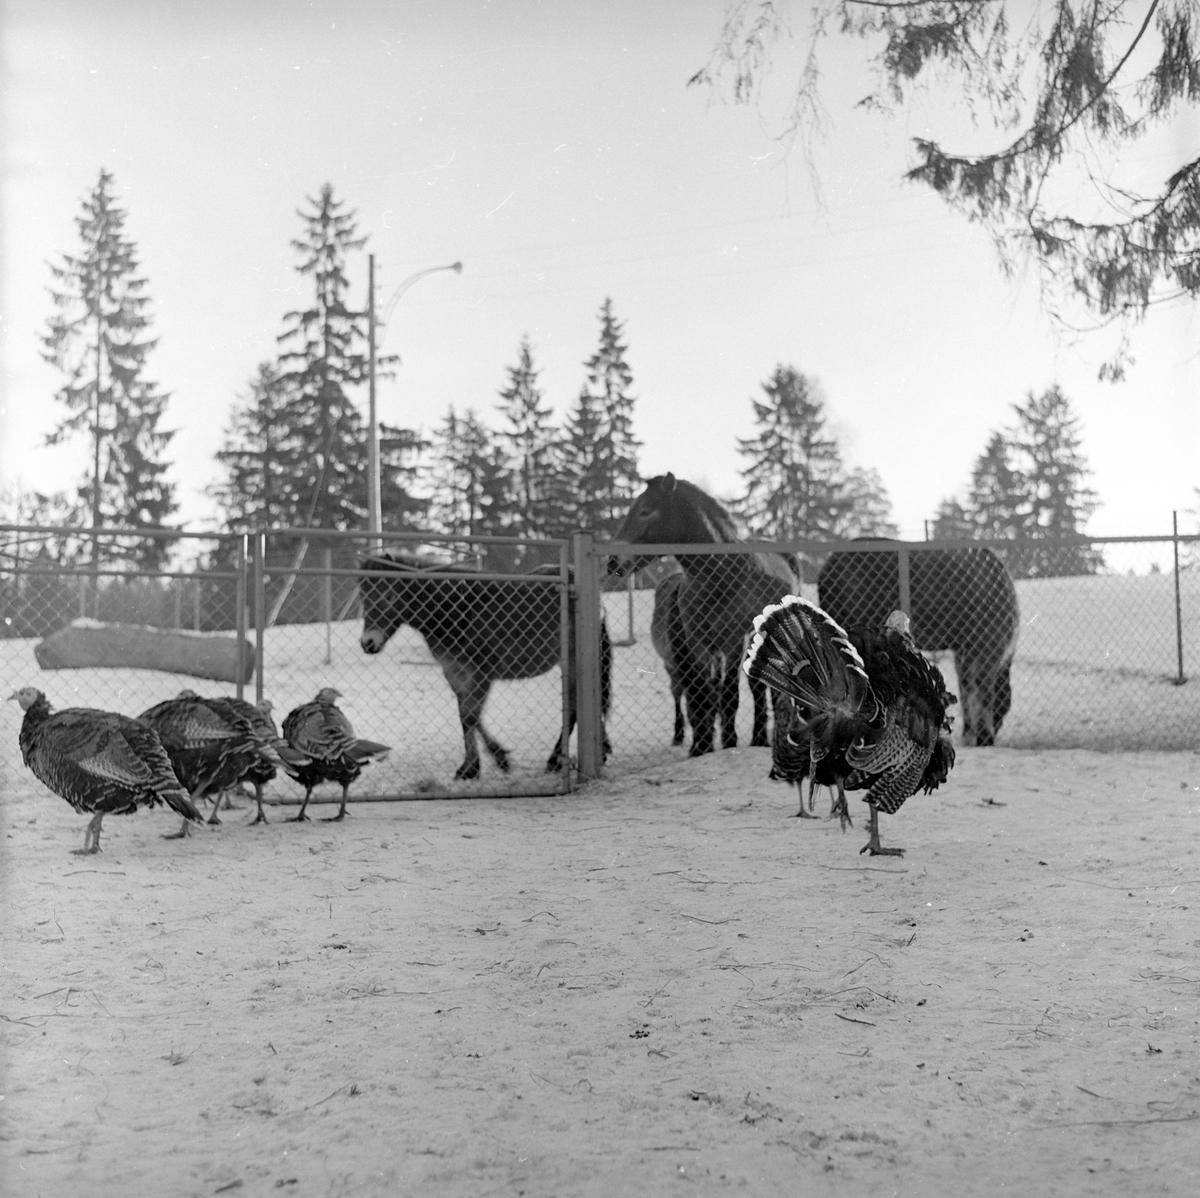 Hos Edvin Thorson. Ponnier og kalkuner. Fotografert 1962.